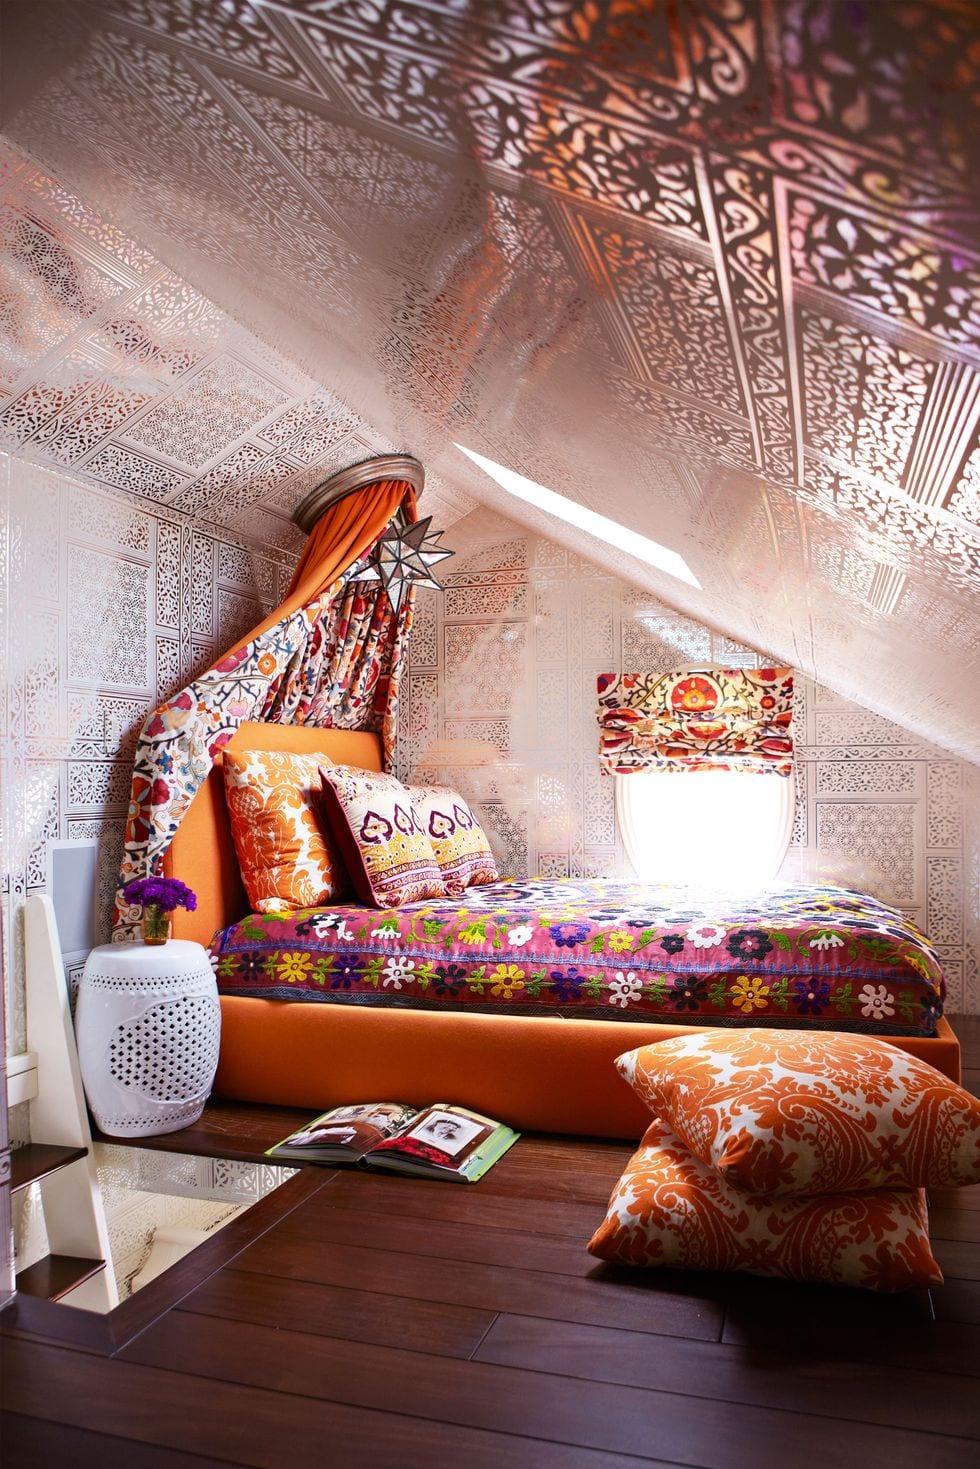 Colorful Cozy Bedroom Ideas